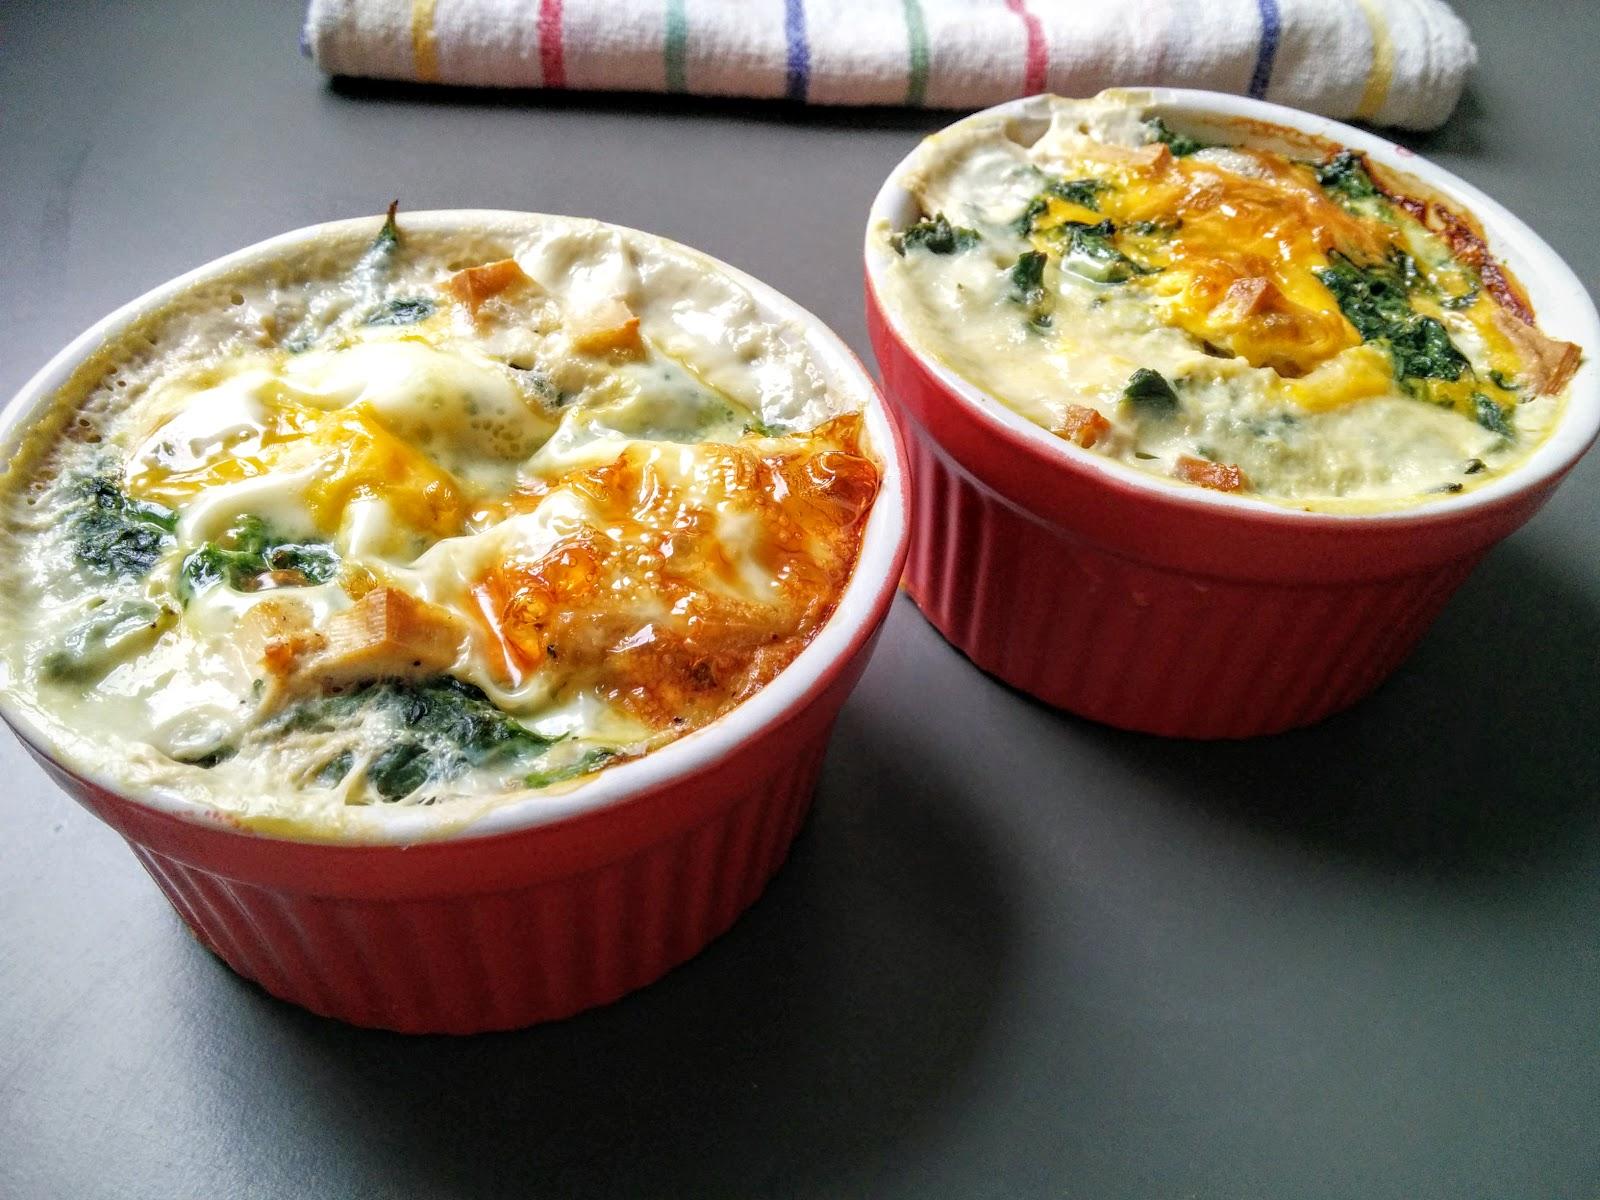 Bajnokok reggelije: Spenótos sült tojás